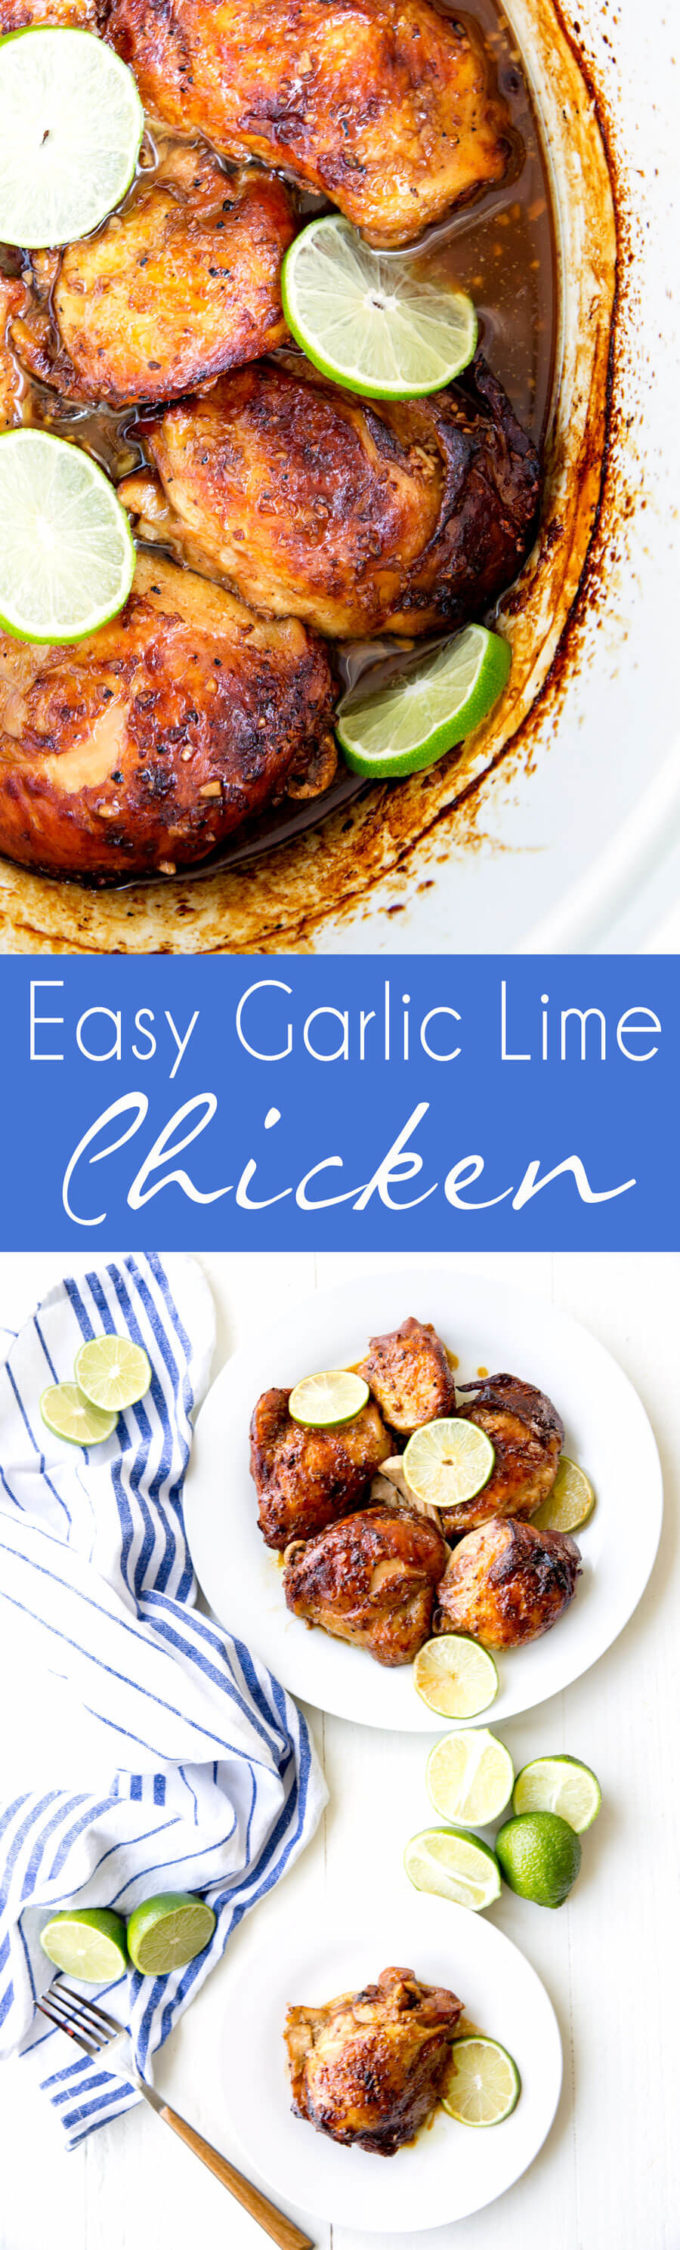 Crockpot Garlic Lime Chicken